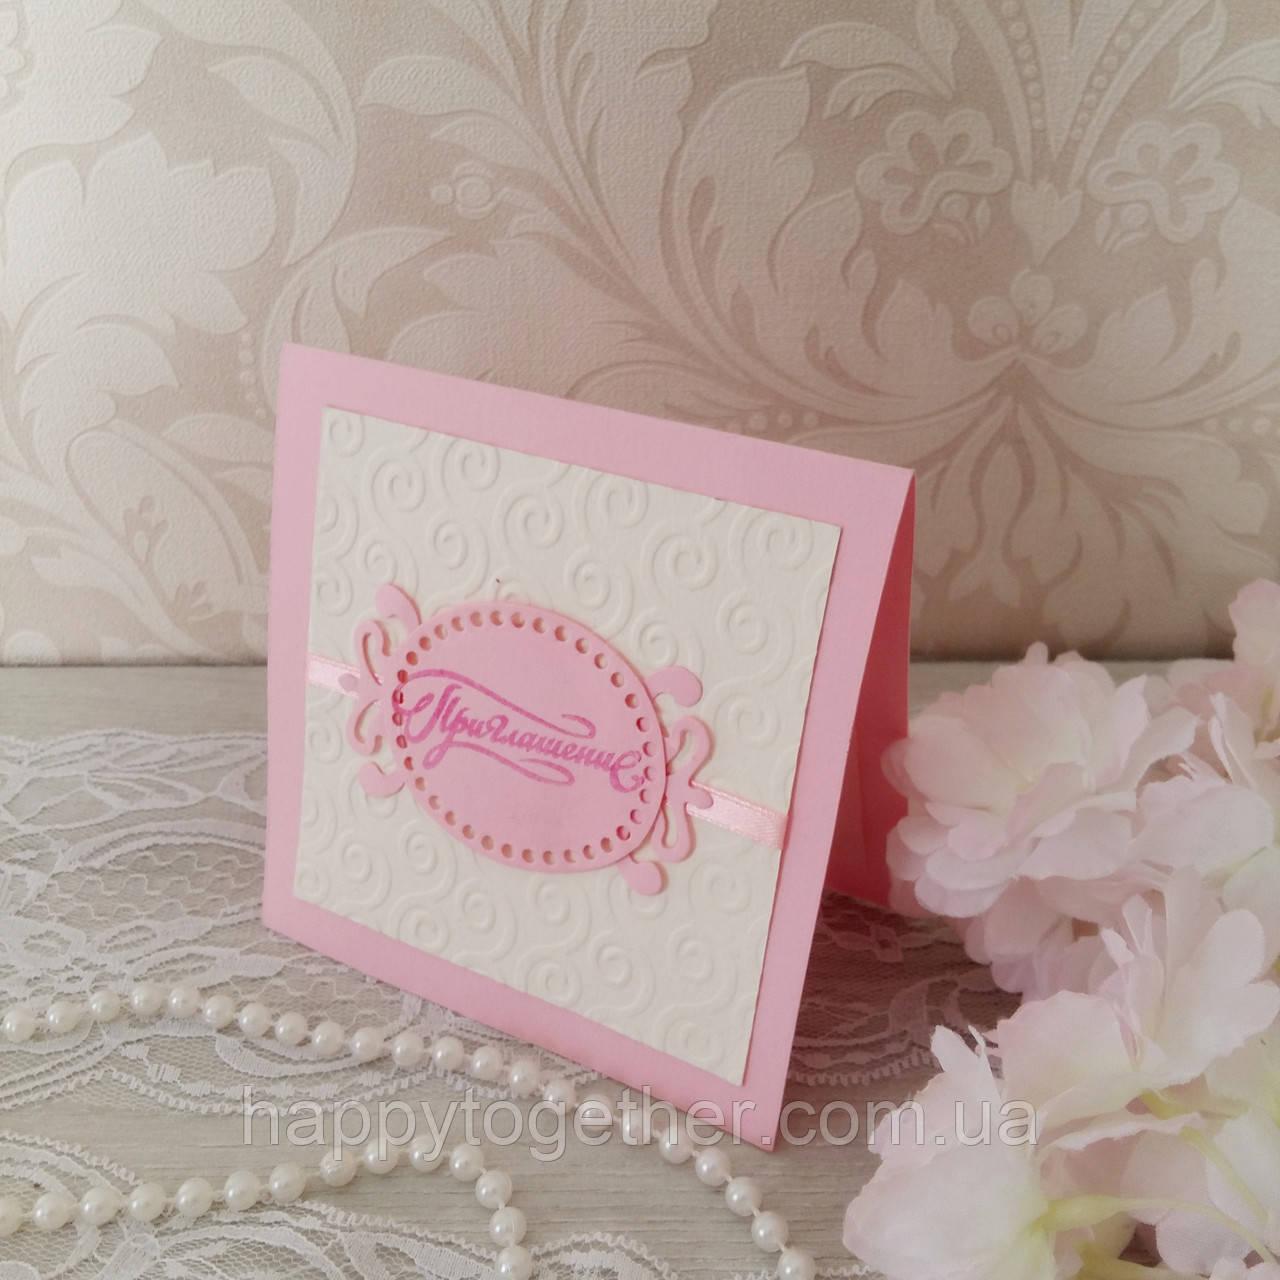 Пригласительный ручной работы с тиснением розовый